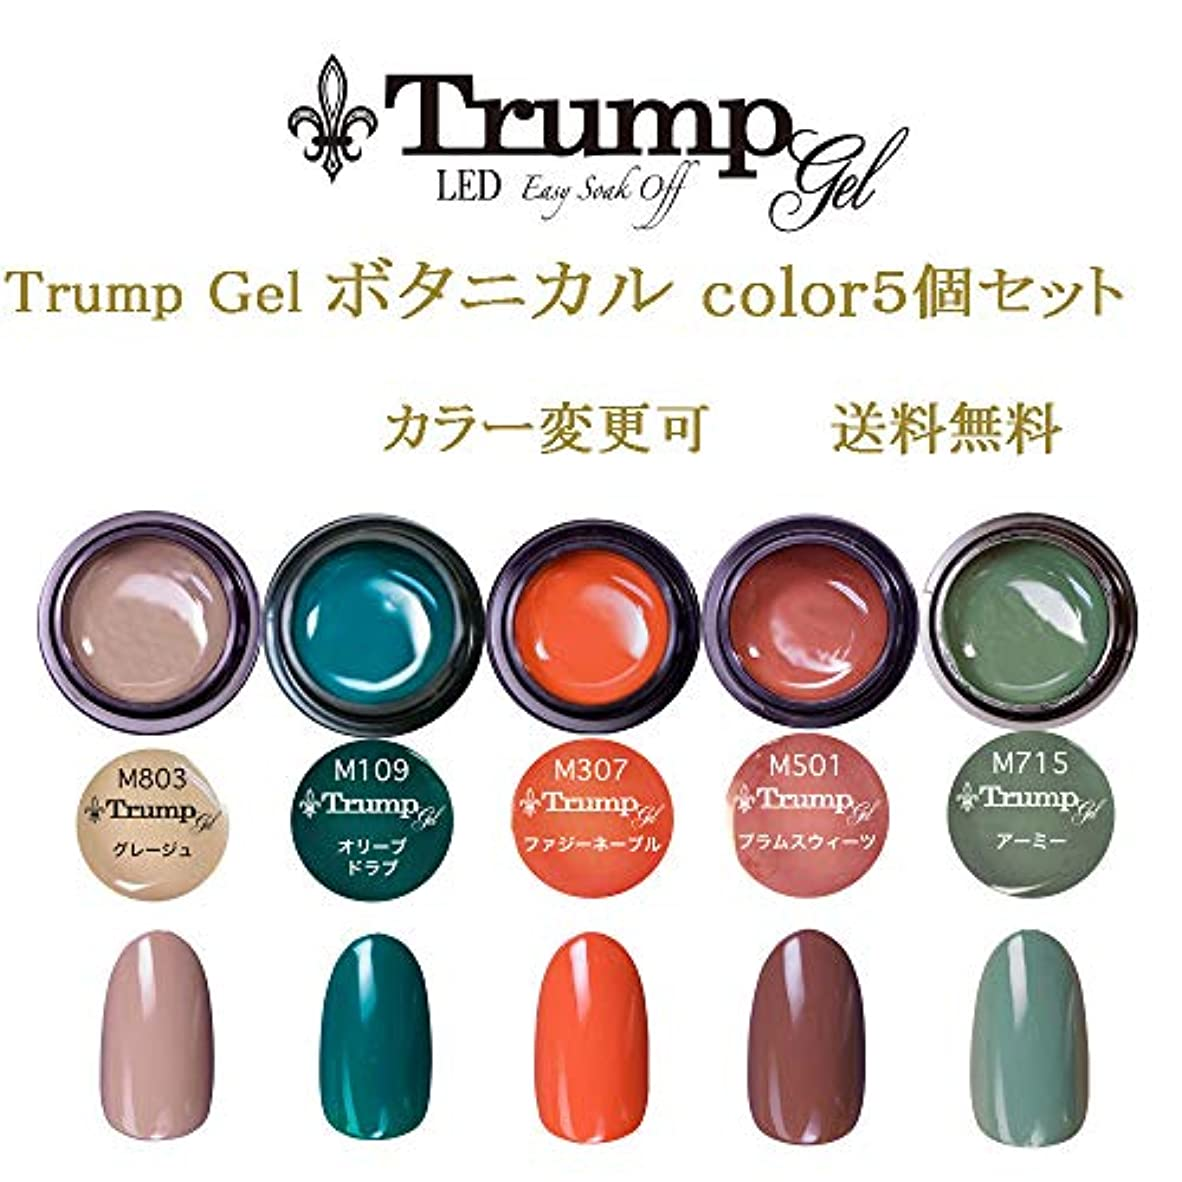 腐食するひどく解釈する日本製 Trump gel トランプジェル ボタニカルカラー 選べる カラージェル 5個セット カーキー ベージュ グリーン